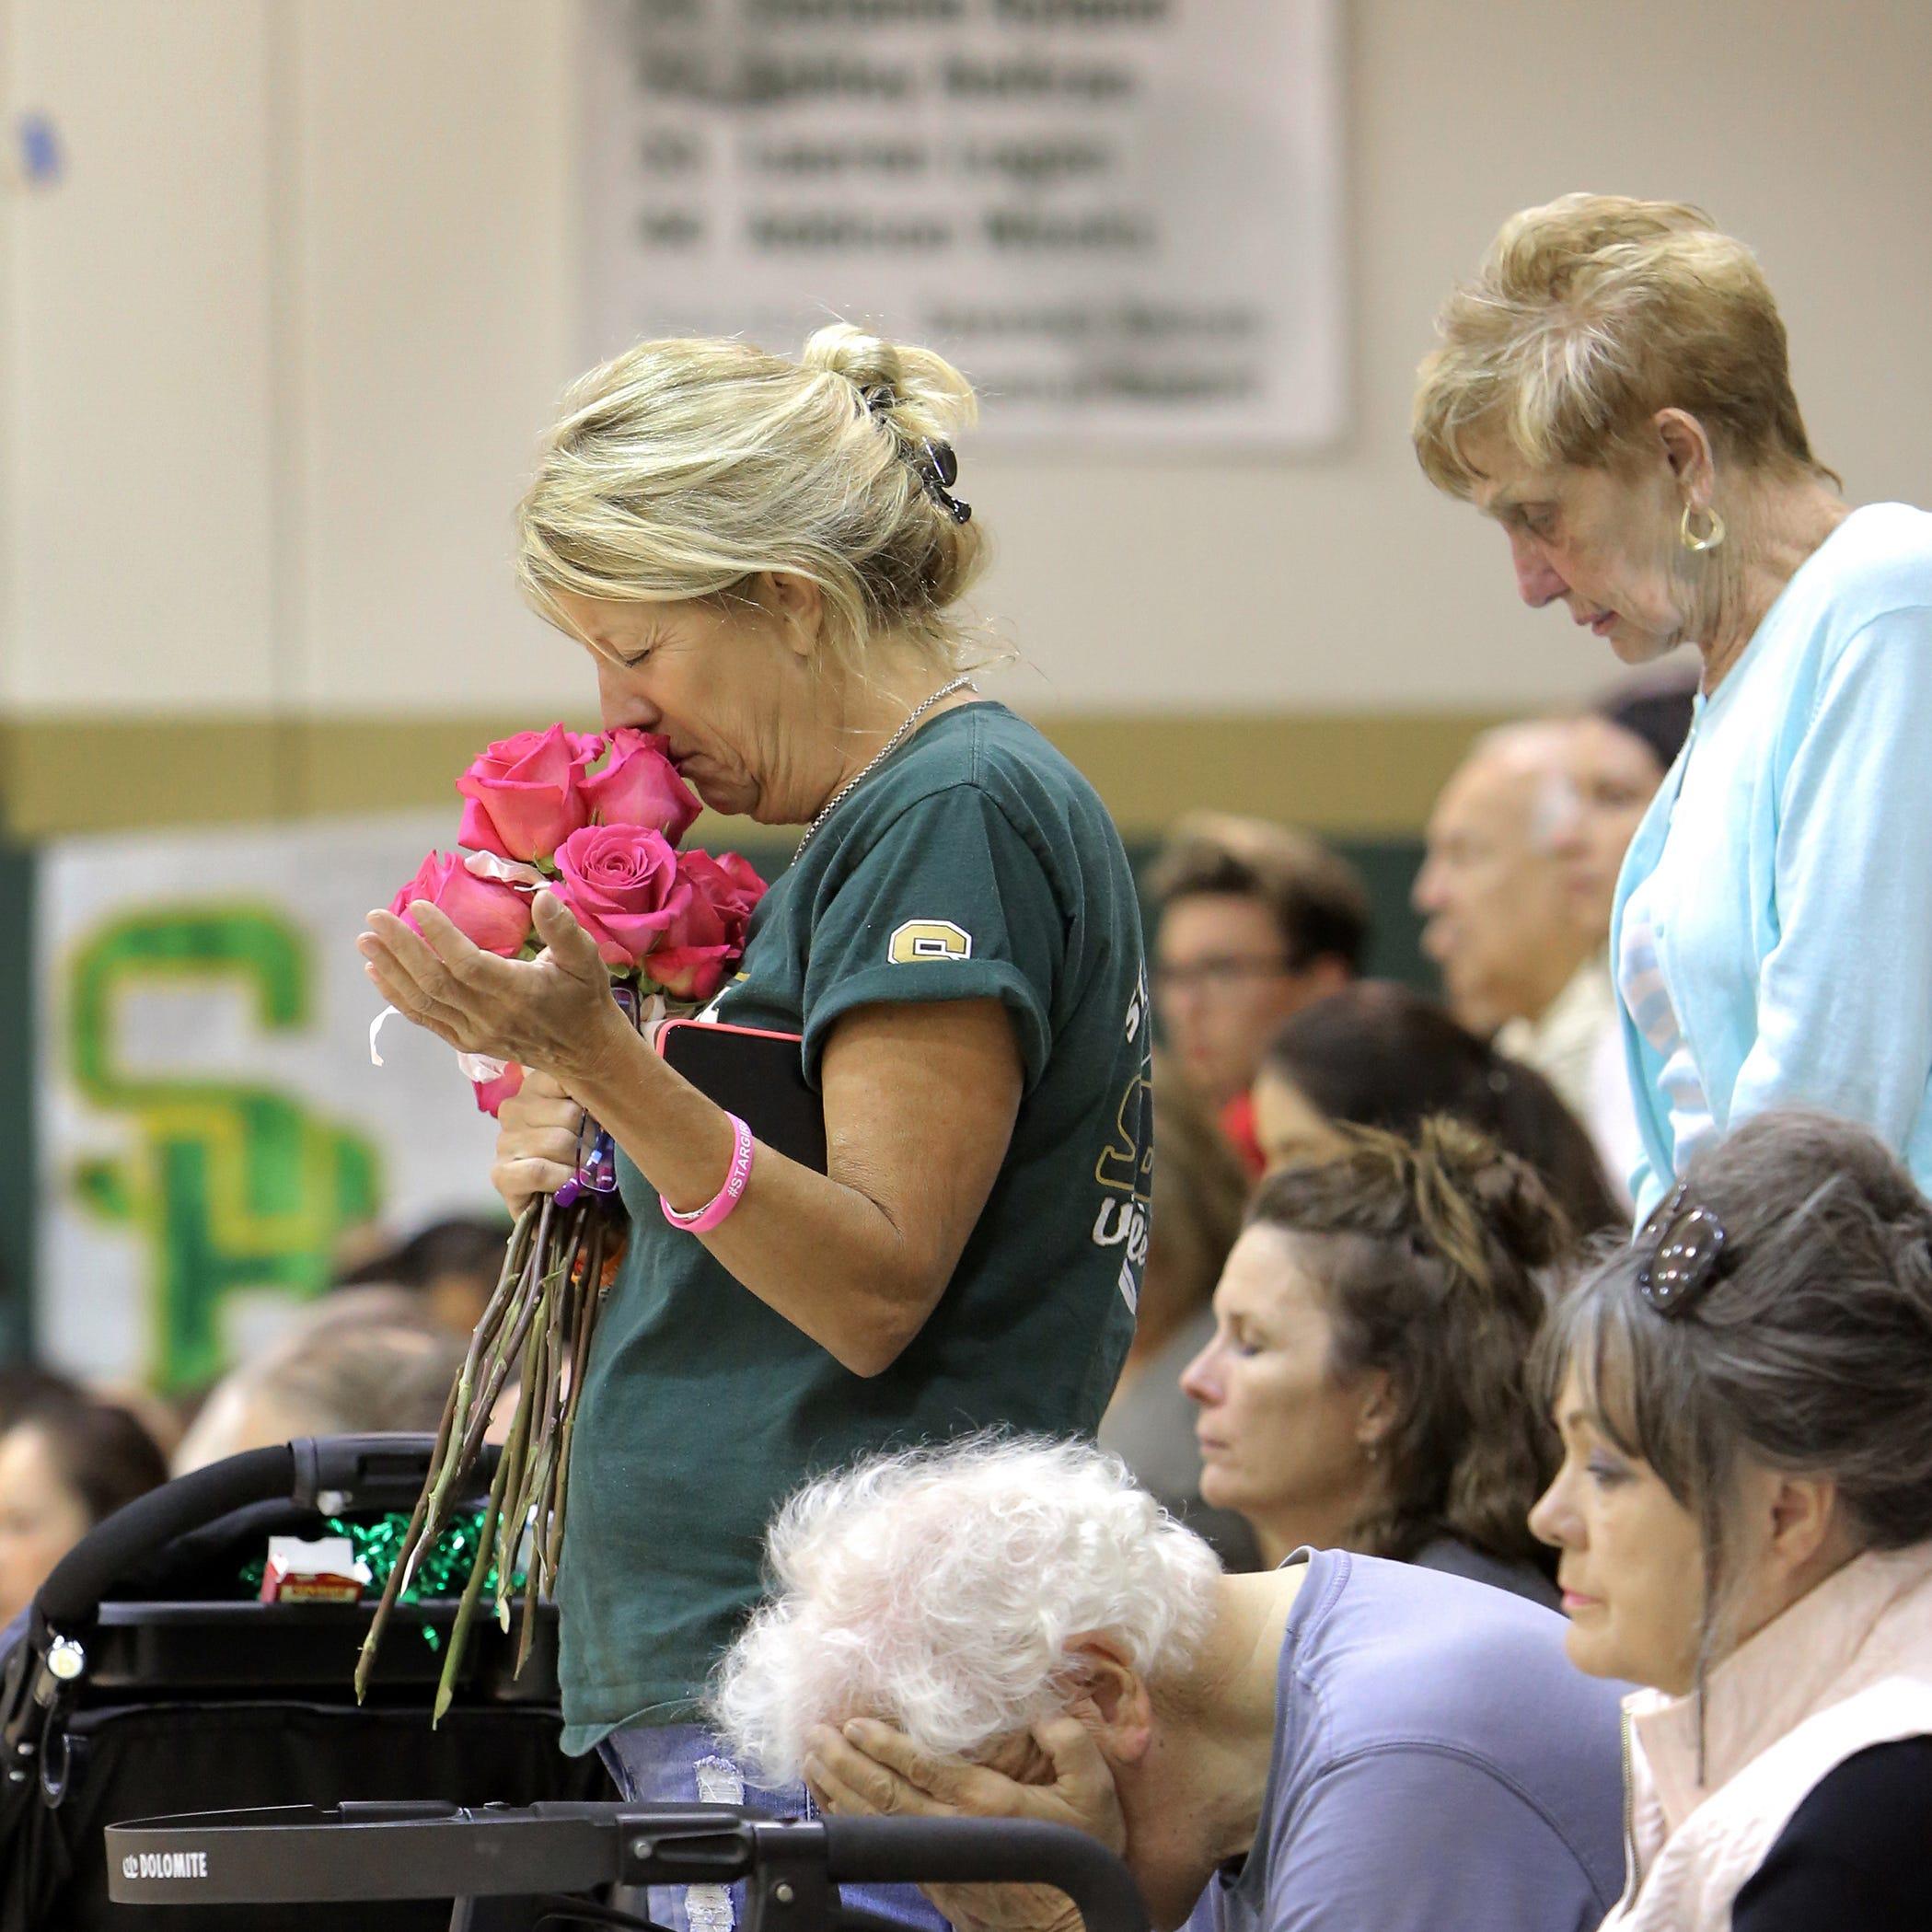 St. Bonaventure honors, remembers the life of Kirra Drury